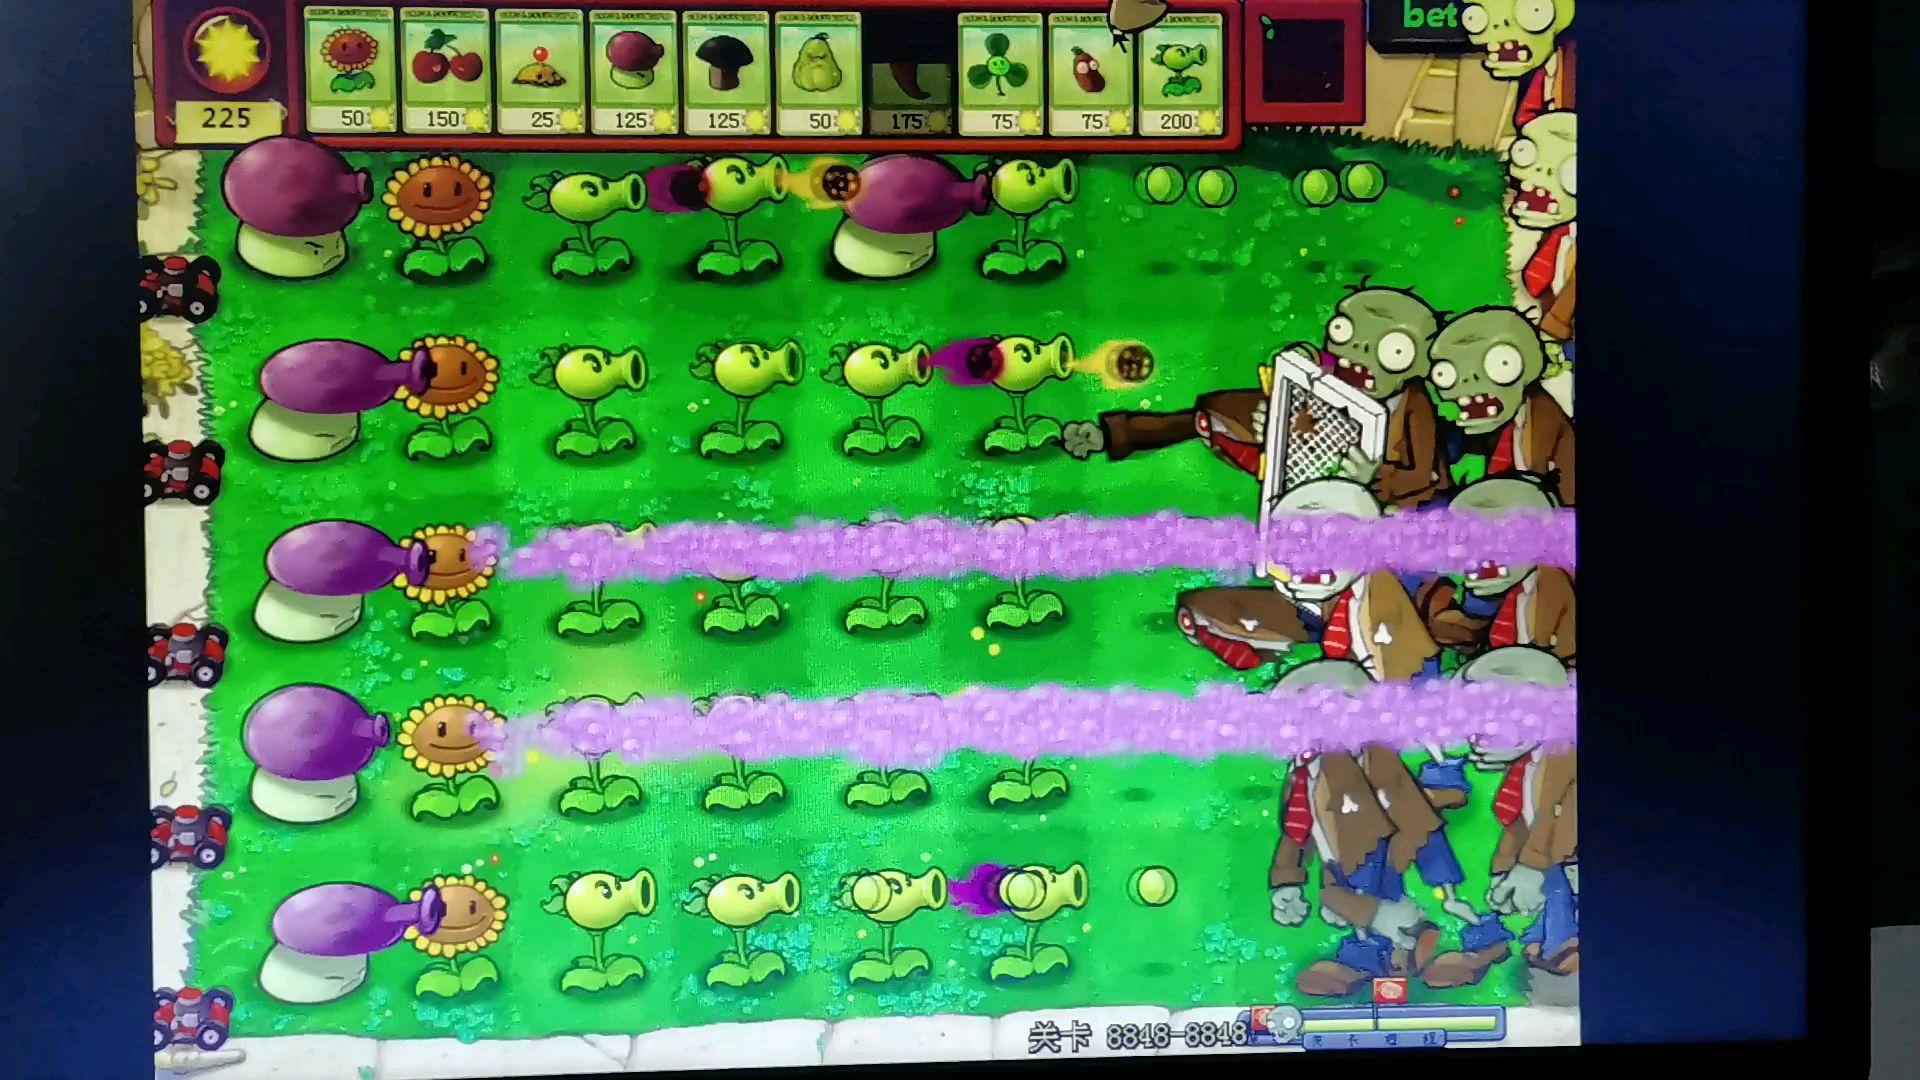 植物大战僵尸贝塔版隐藏小游戏8848—8948